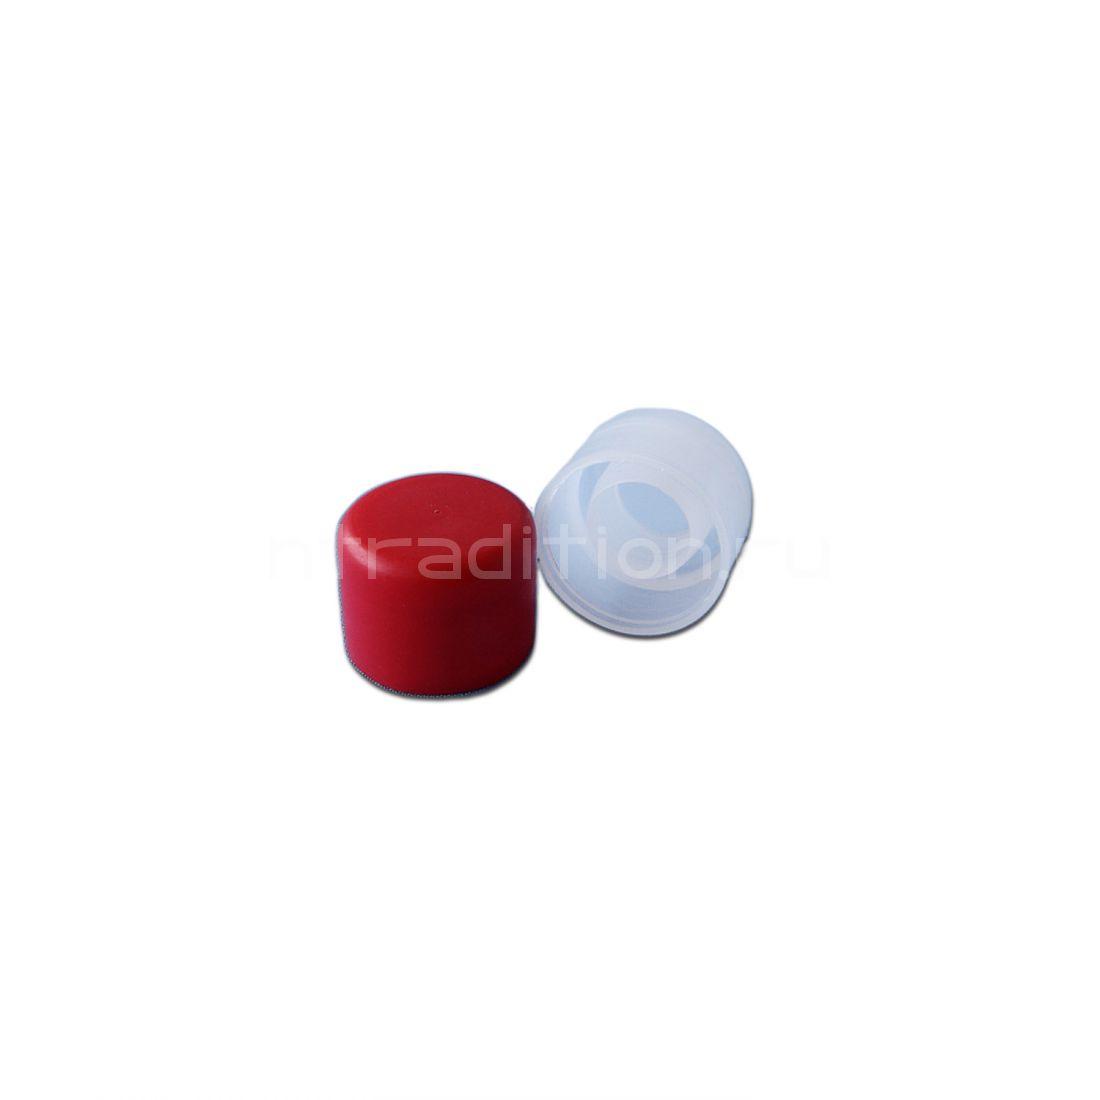 Пробка полимерная для бутылок Porto, цвет красный 10 шт